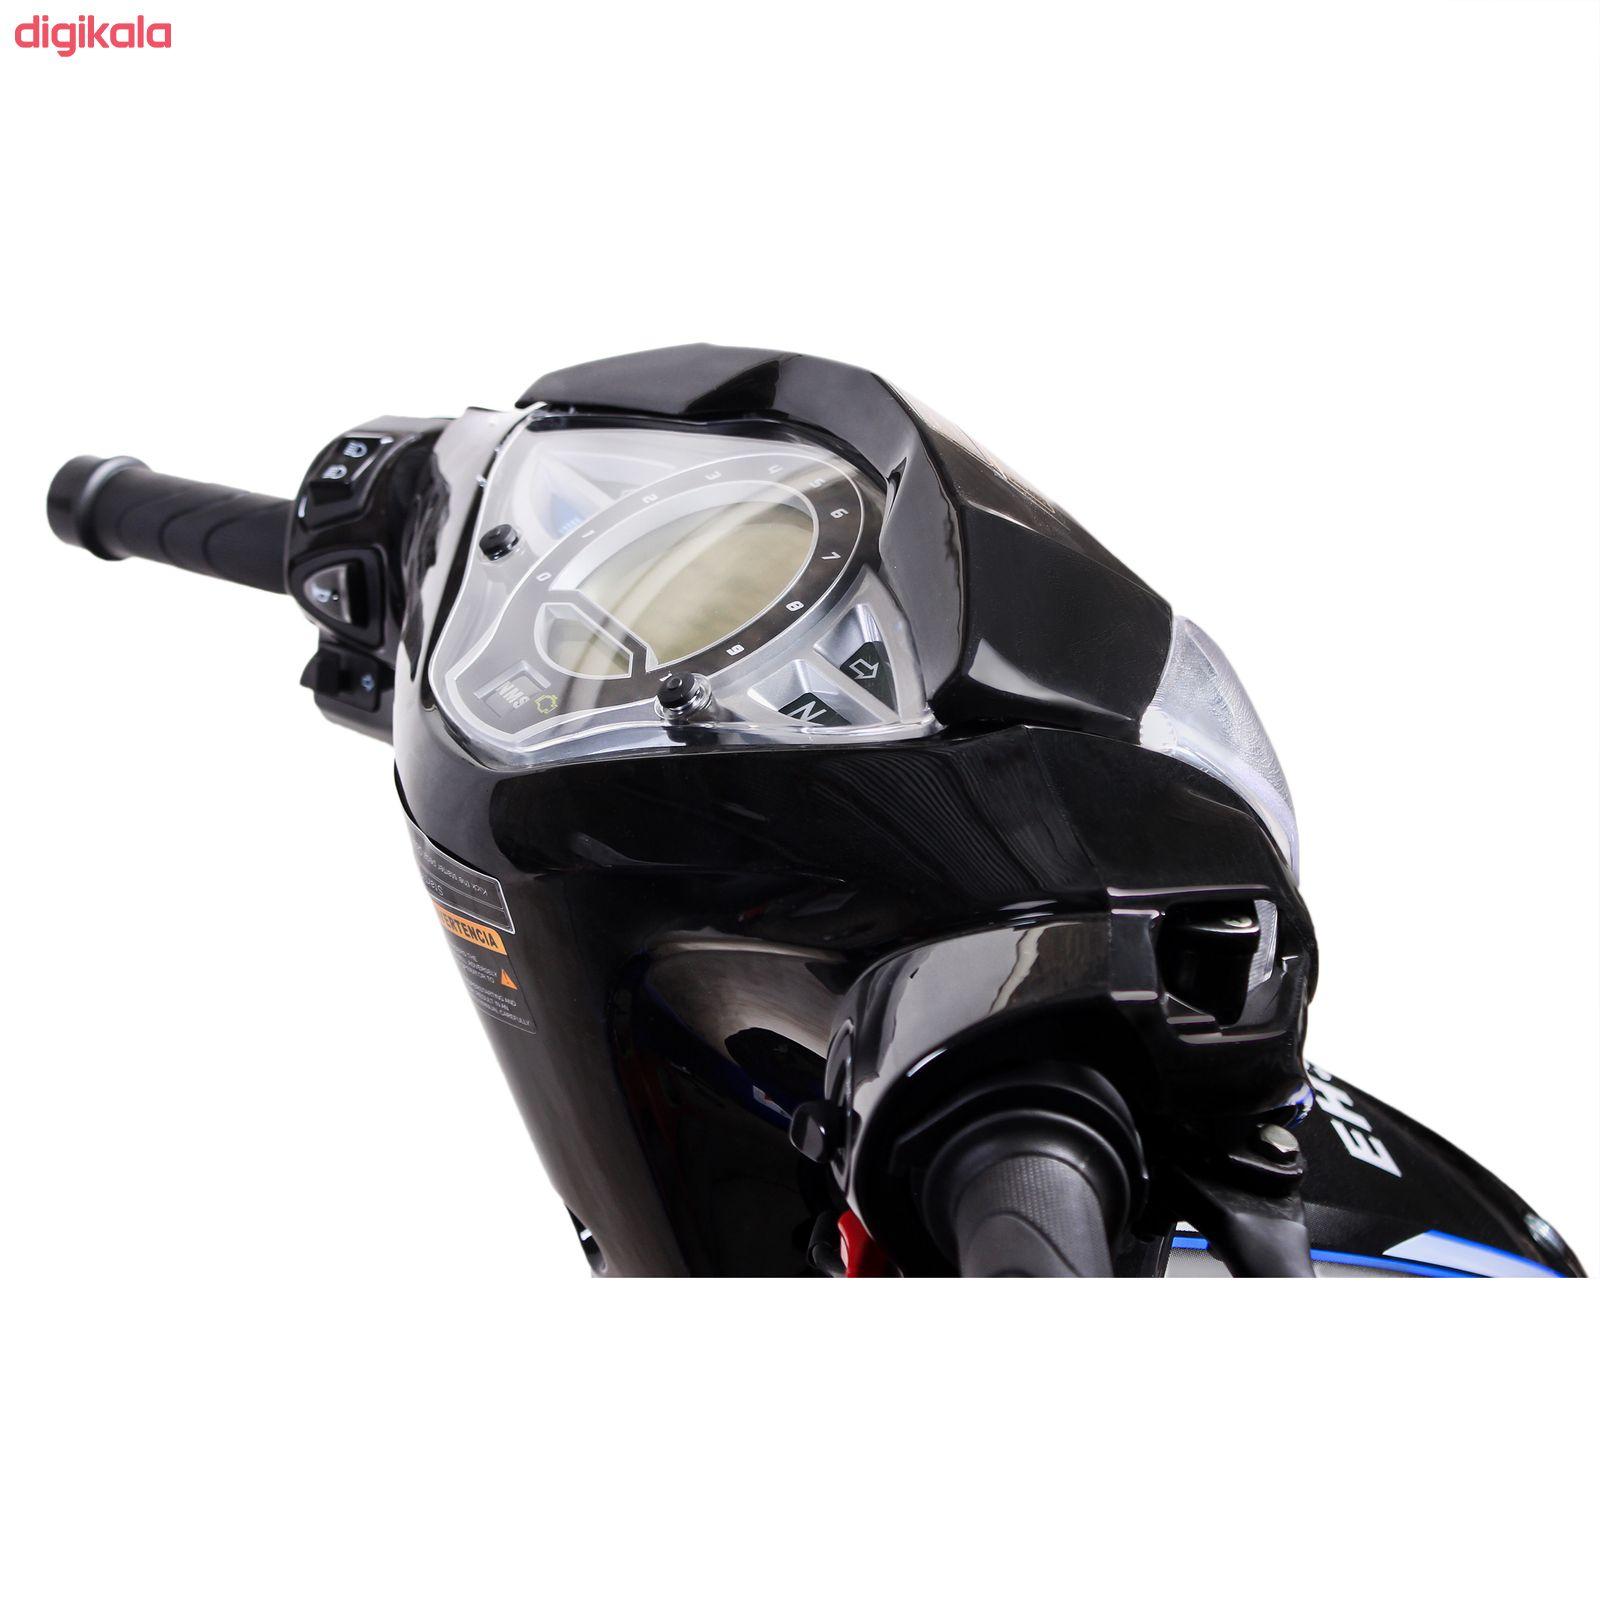 موتورسیکلت احسان مدل آر دی 135 سی سی سال 1399 main 1 2